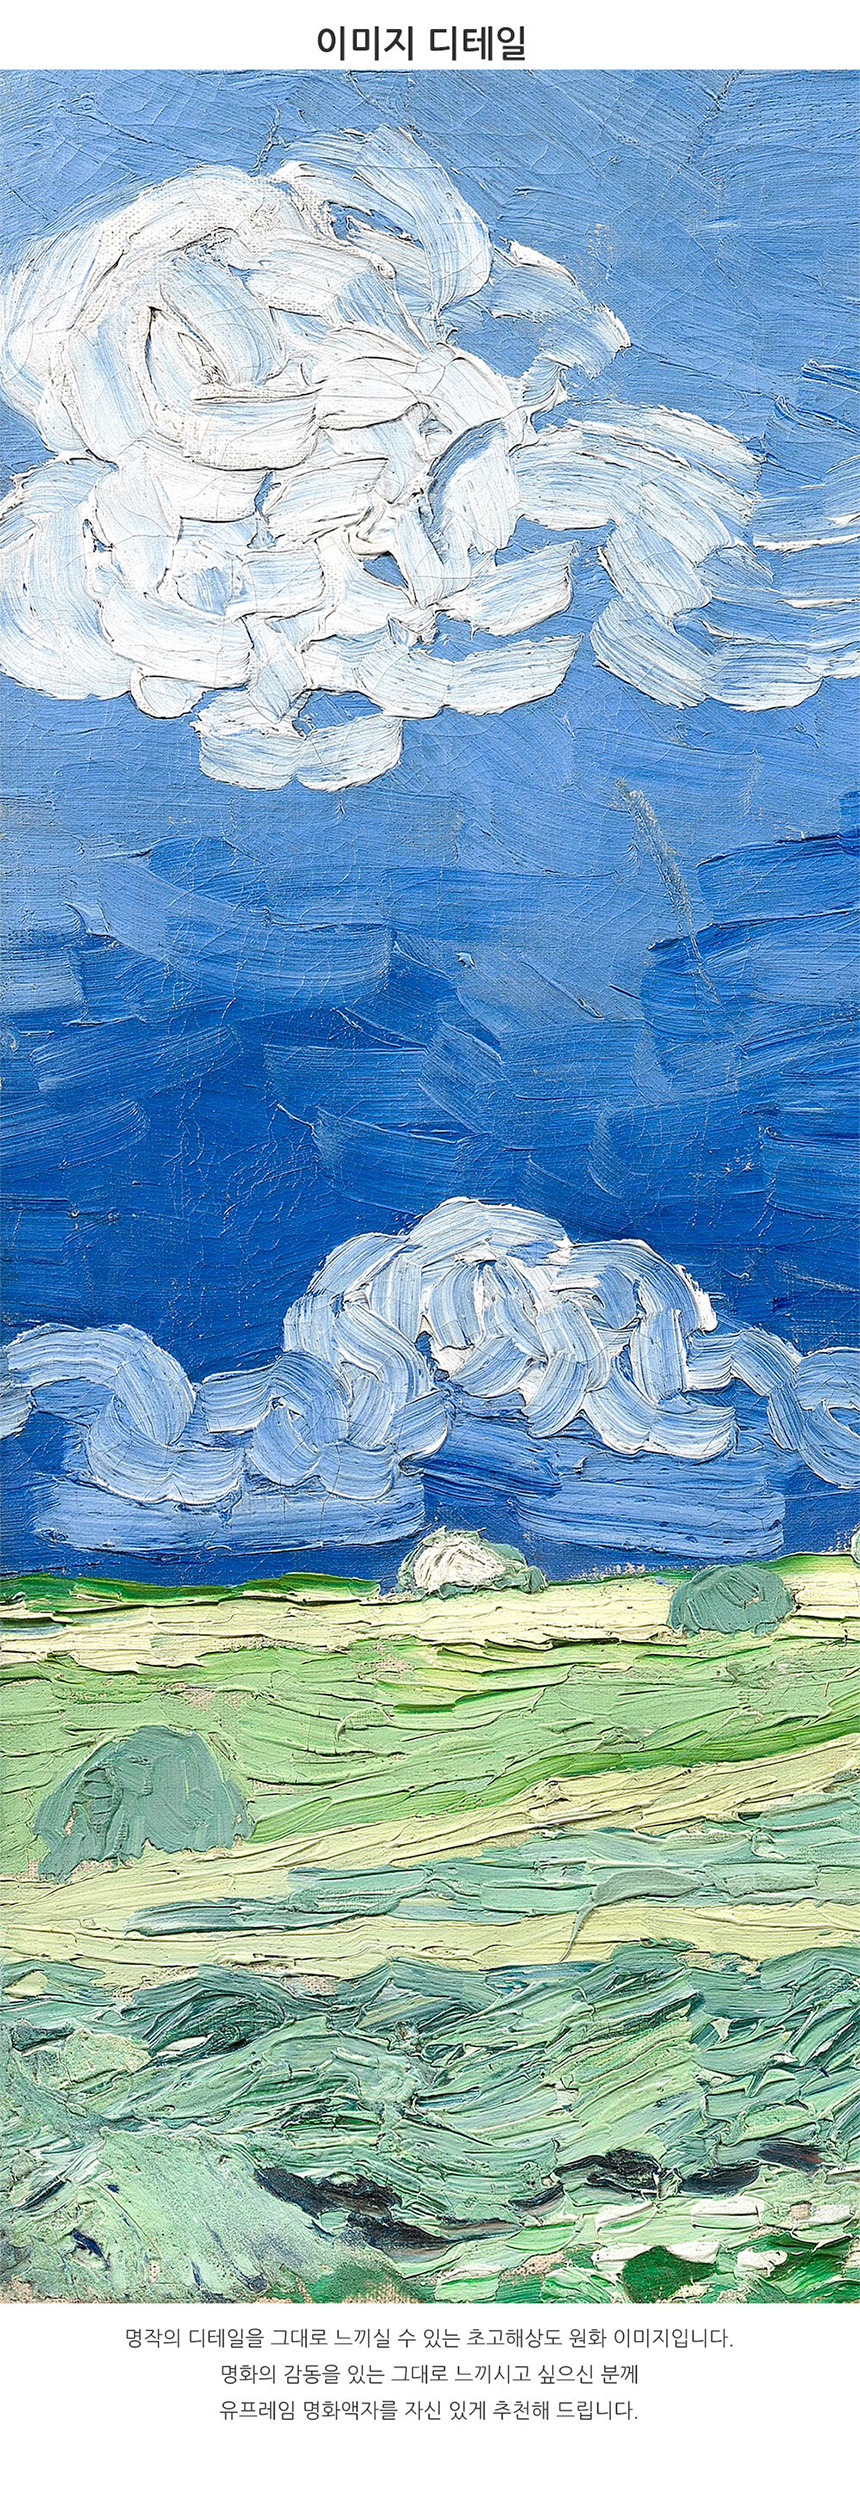 [빈센트 반 고흐]명화 캔버스액자_구름낀 하늘아래 밀밭(101.3x50.4cm)124,000원-아이에스컴퍼니인테리어, 액자/홈갤러리, 홈갤러리, 명화/민화바보사랑[빈센트 반 고흐]명화 캔버스액자_구름낀 하늘아래 밀밭(101.3x50.4cm)124,000원-아이에스컴퍼니인테리어, 액자/홈갤러리, 홈갤러리, 명화/민화바보사랑